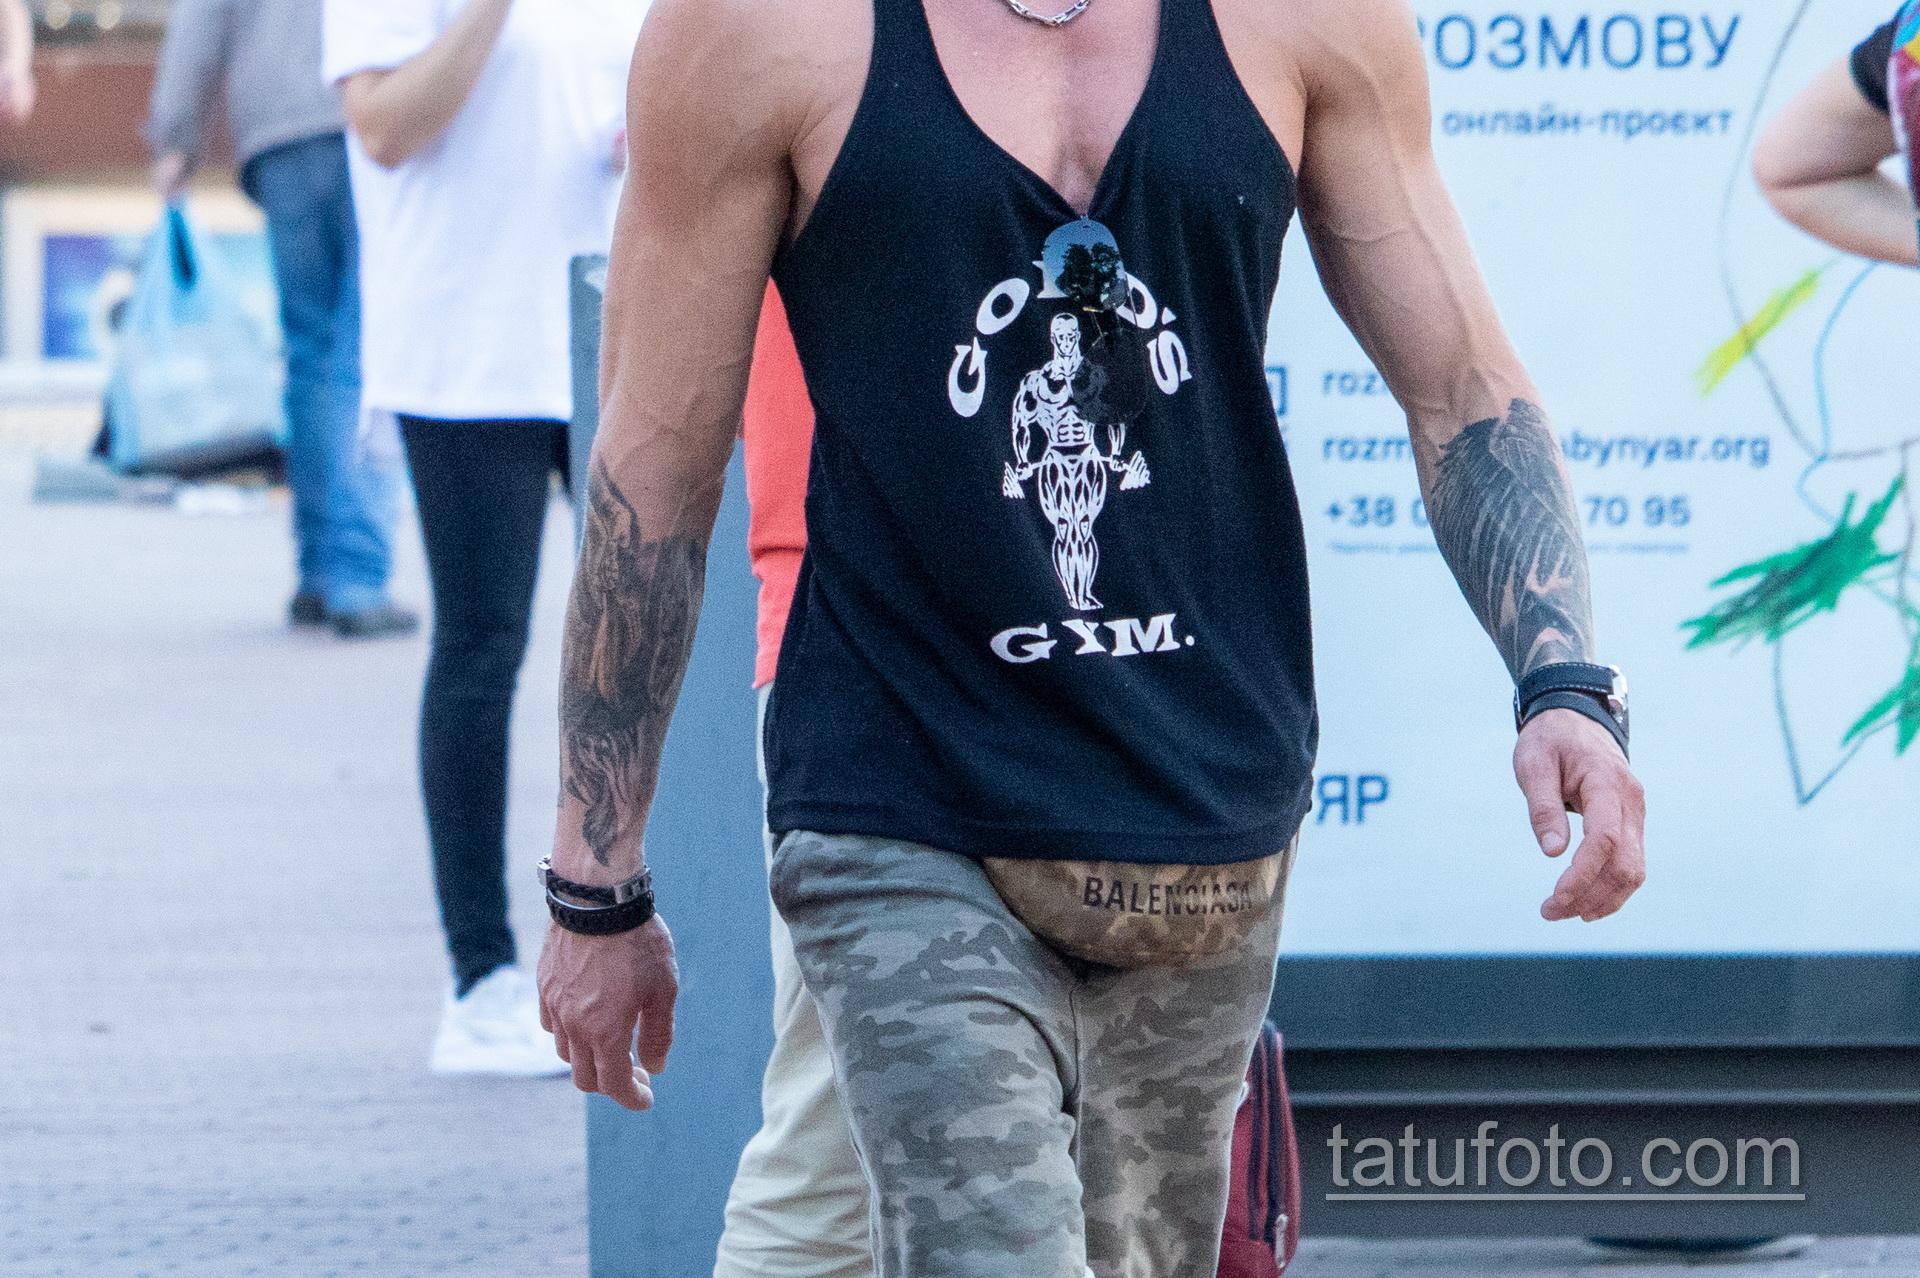 Тату надпись UNIVERSUM на руке мужчины - Уличная татуировка 14.09.2020 – tatufoto.com 12